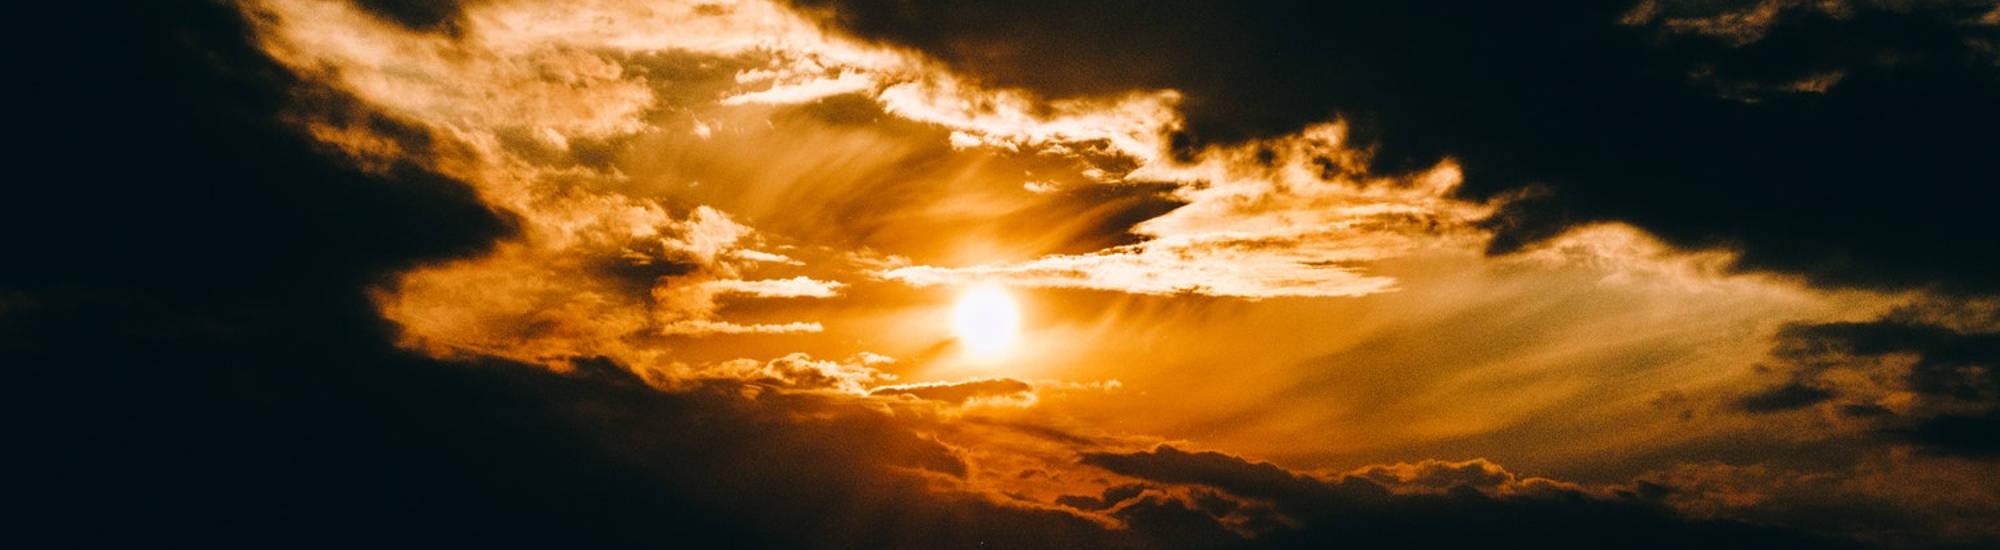 Marcio Mussel ministra curso Kabbalah – Os Anjos e o Caminho da Devoção